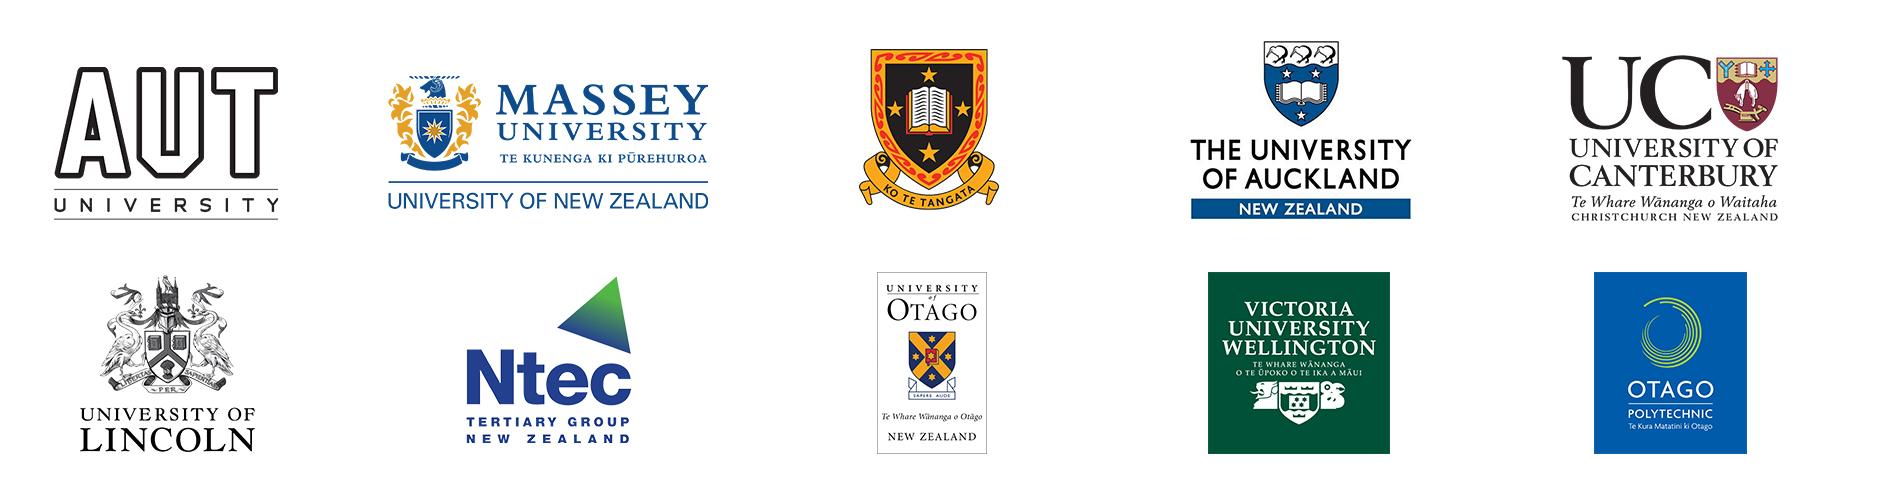 新西兰留学 新西兰有哪些大学